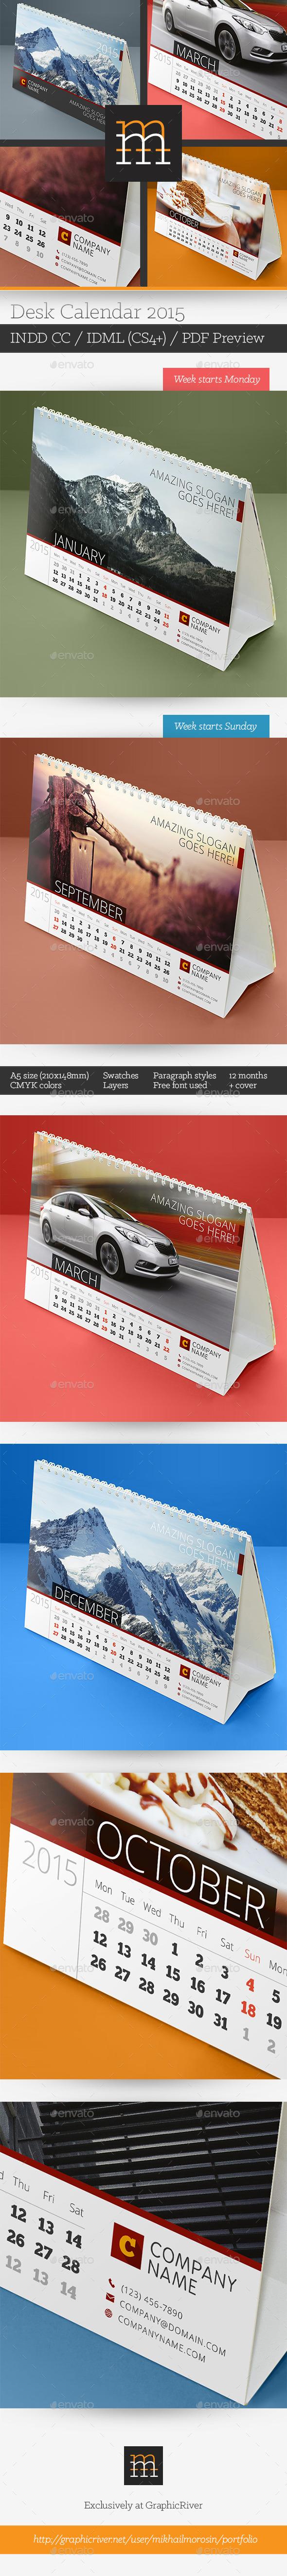 GraphicRiver Desk Calendar 2015 9334038